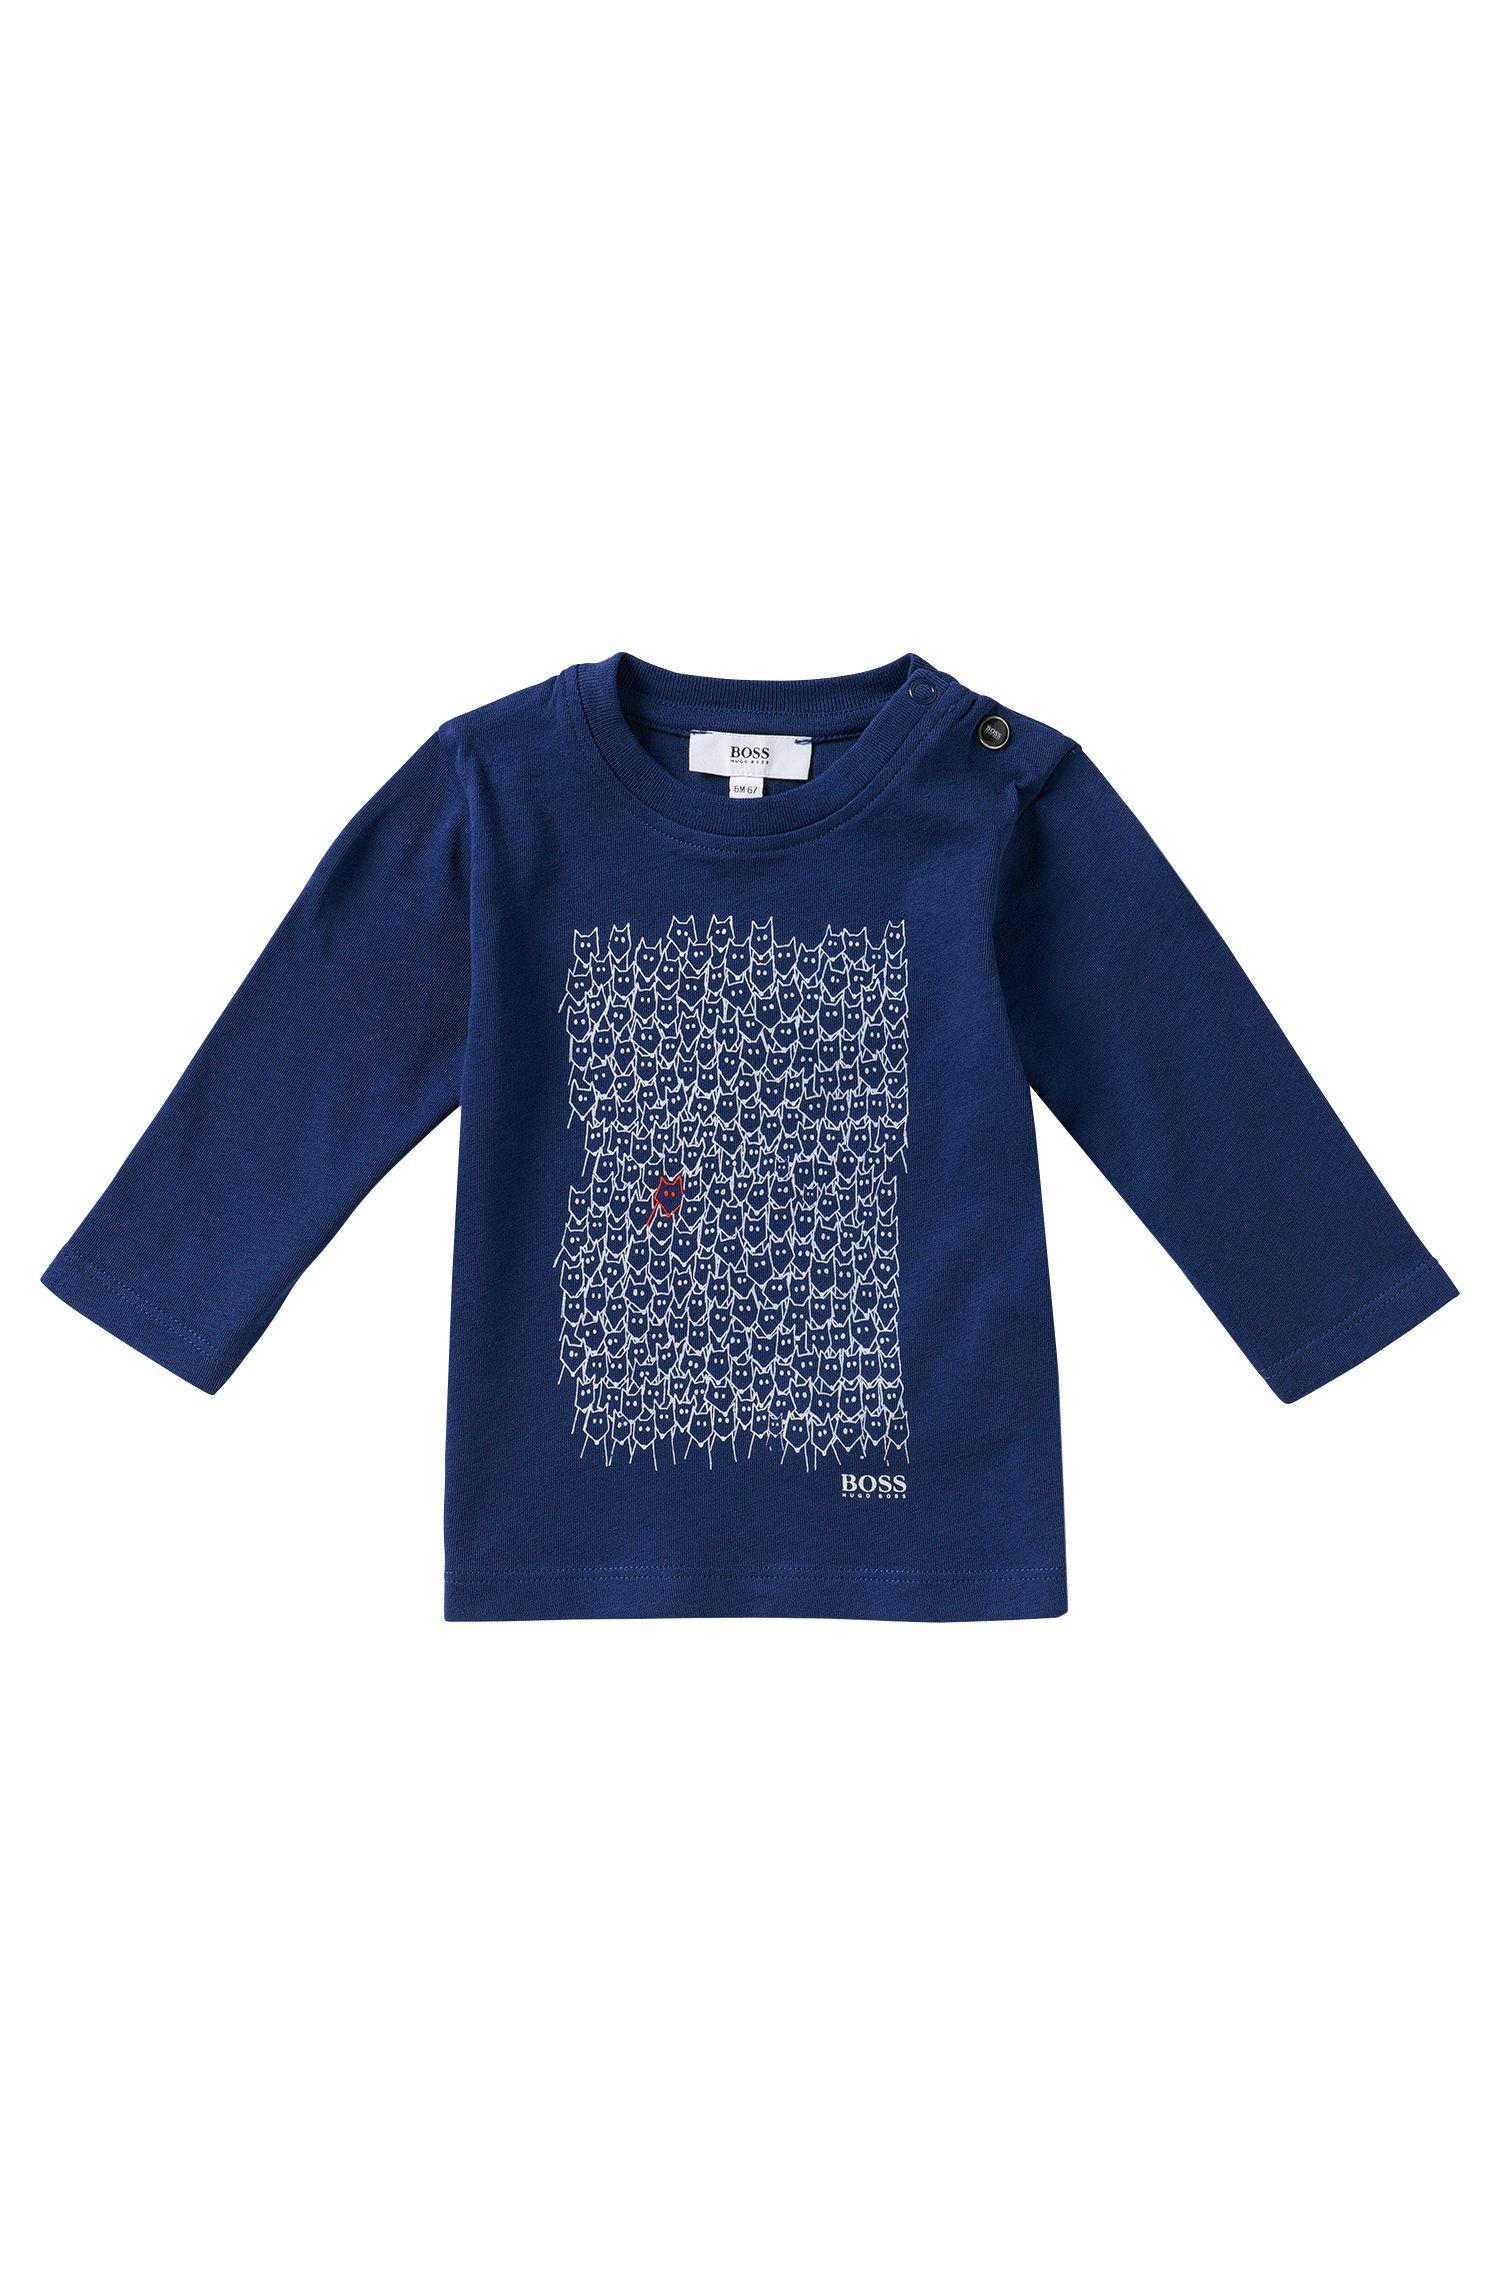 Kindershirt met lange mouwen van katoen: 'J05423'